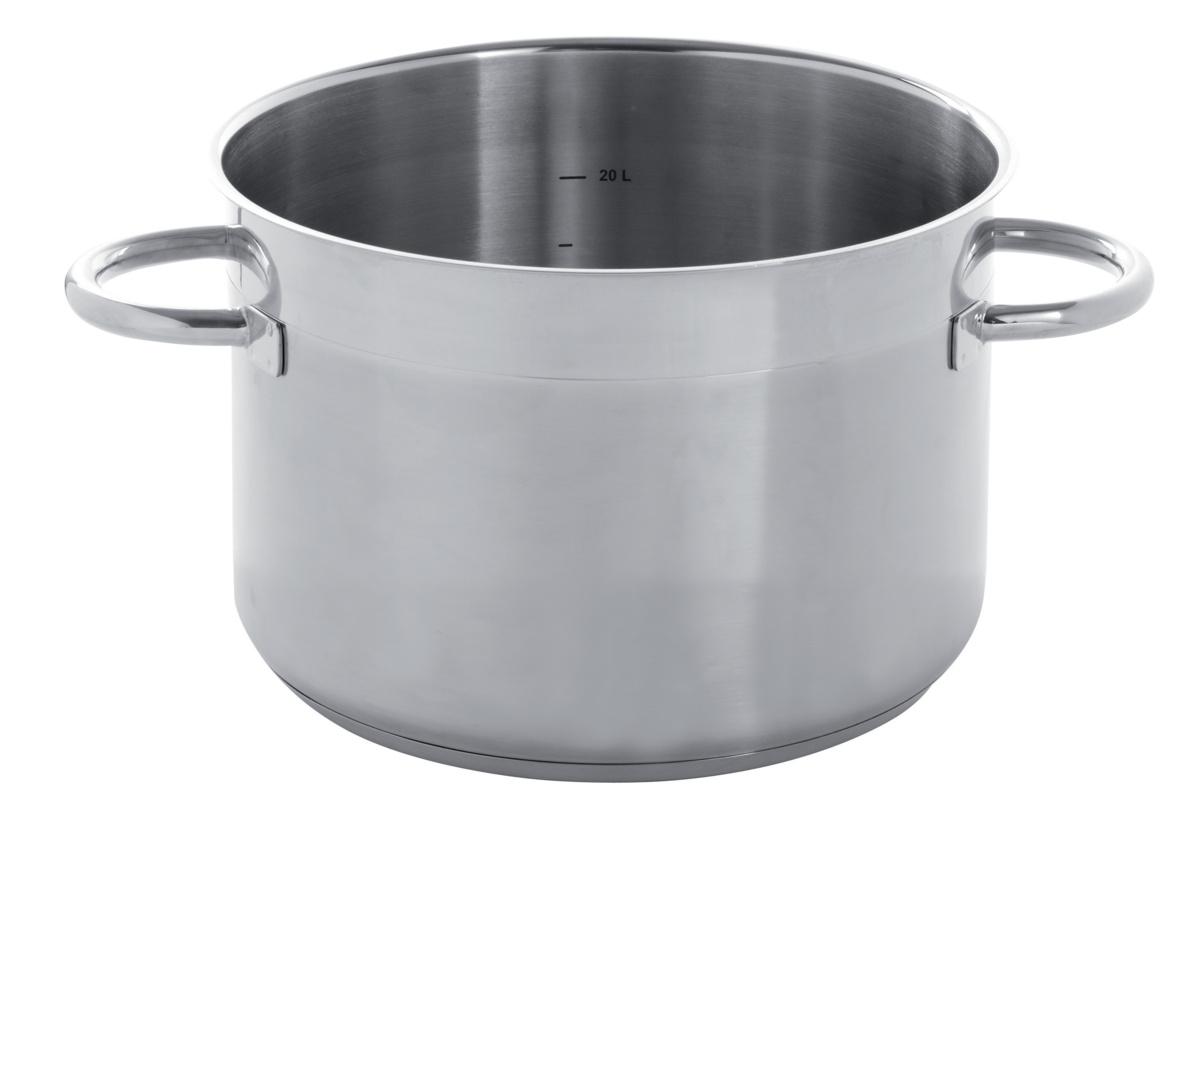 Braisière inox Ø 28 cm 10,70 l Qualiplus Pro.cooker